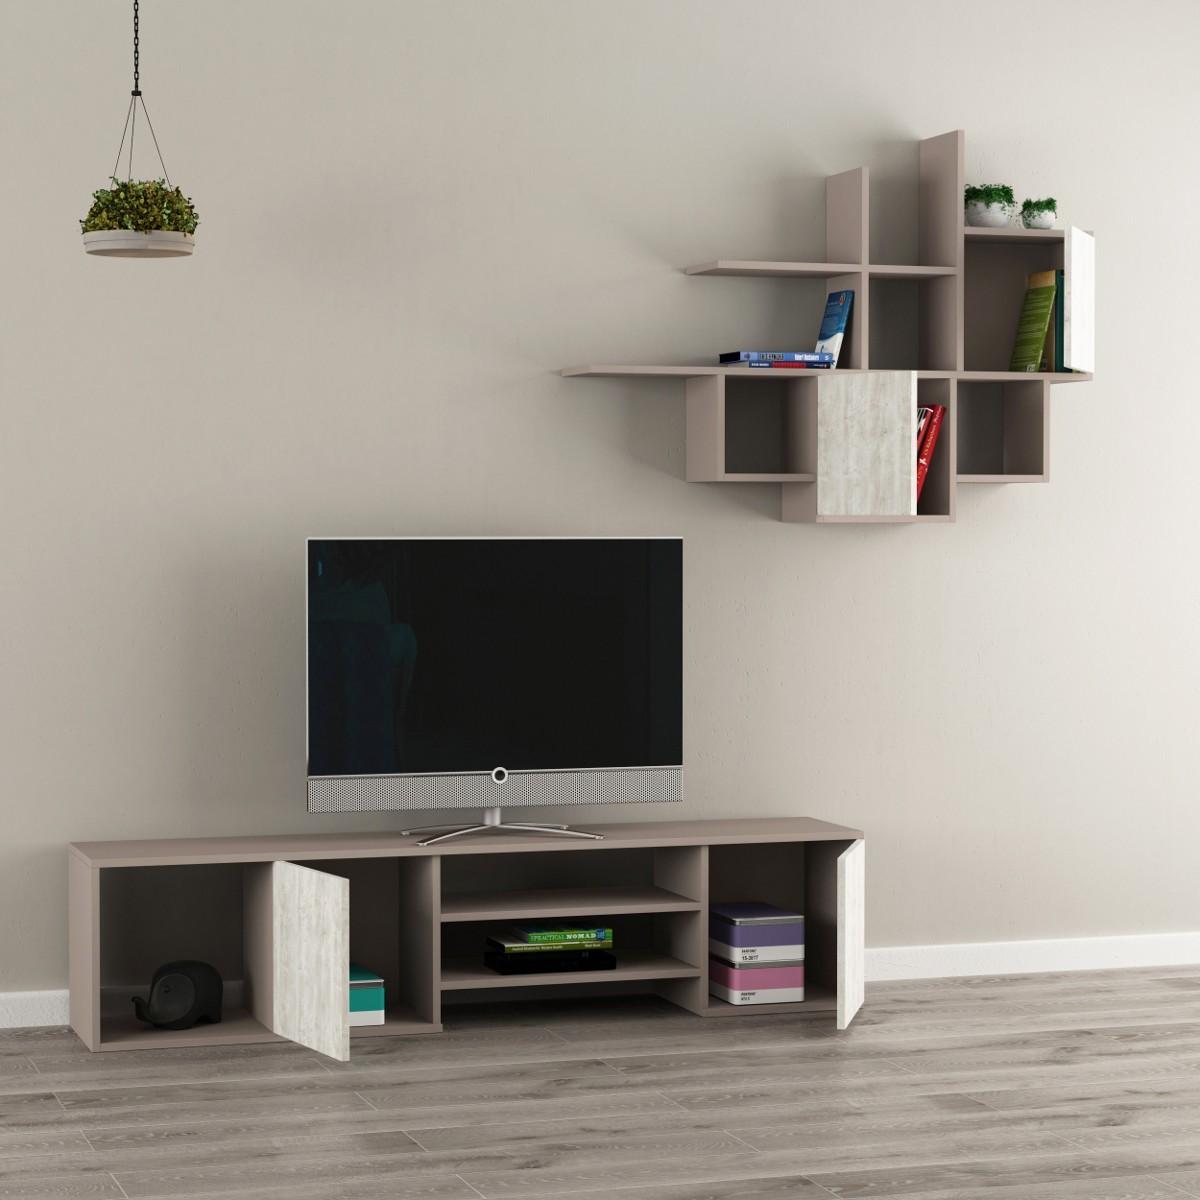 Zayden parete attrezzata mobile tv e libreria sospesa in legno - Parete attrezzata sospesa ...